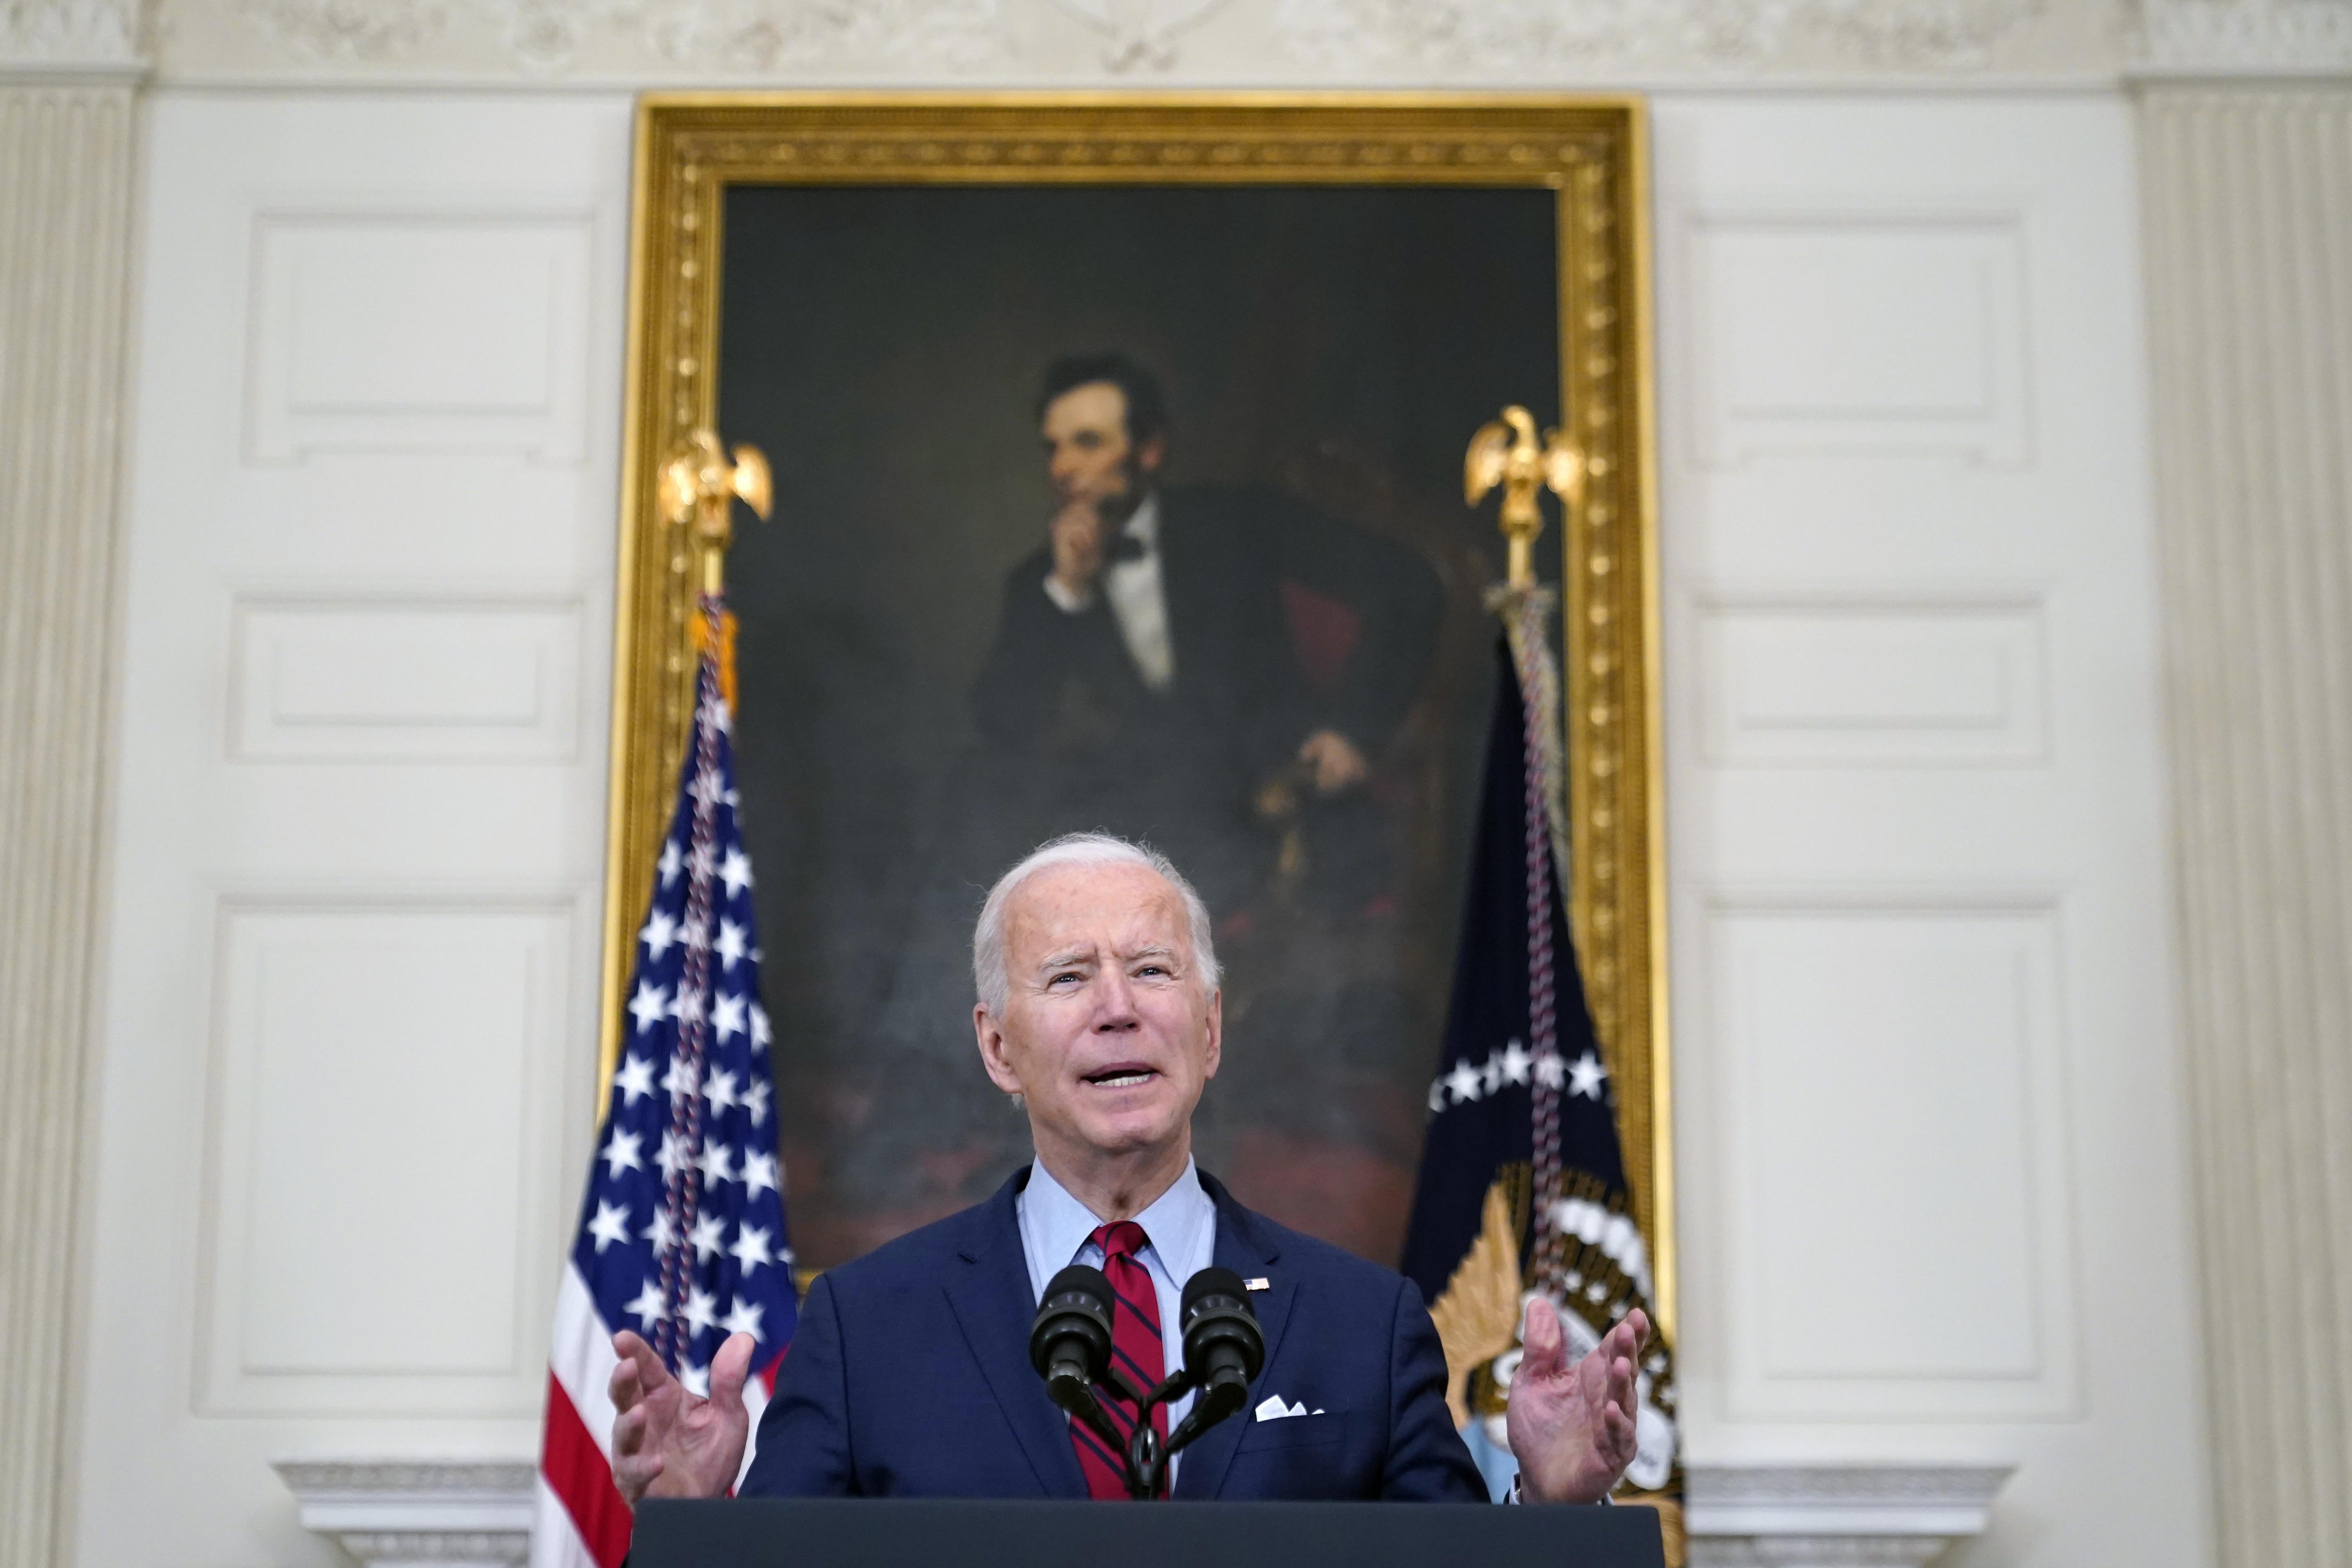 拜登,布林肯,軟實力,硬實力,科技戰,基礎建設,紓困,美中關係,新冷戰,貿易戰